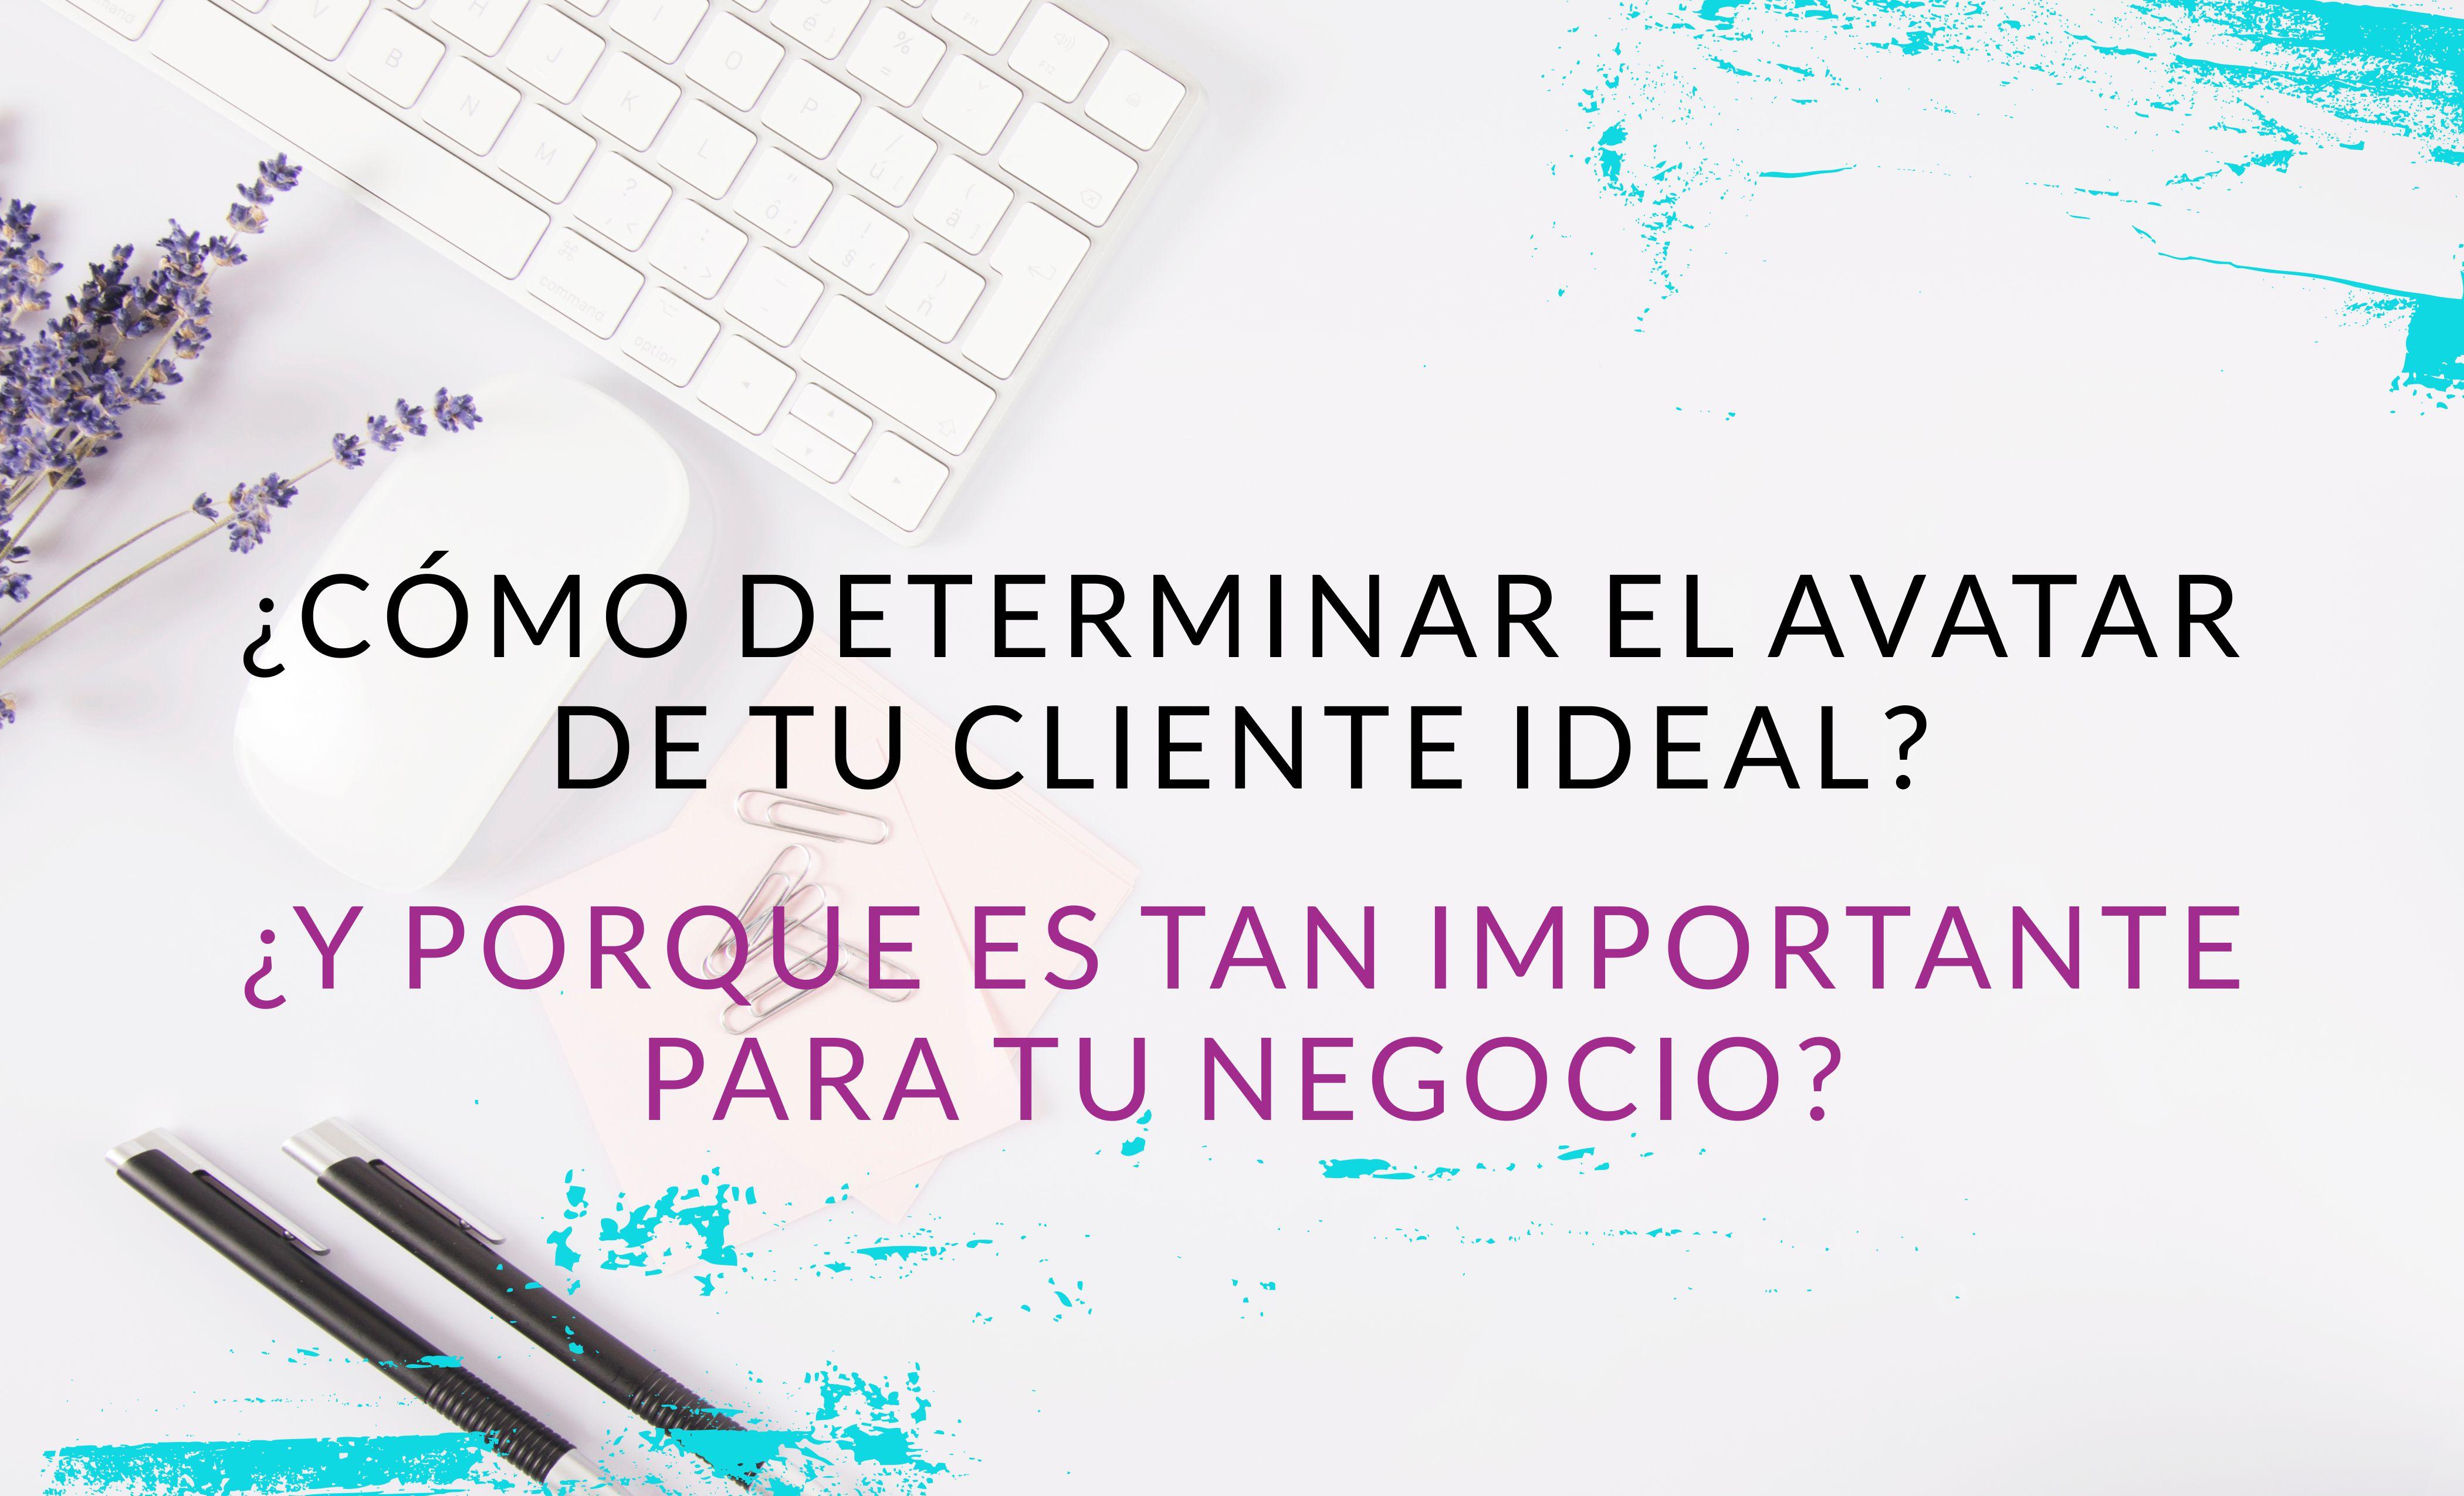 Episodio #25: ¿Cómo determinar el avatar de tu cliente ideal? ¿Y porque es tan importante para tu negocio?